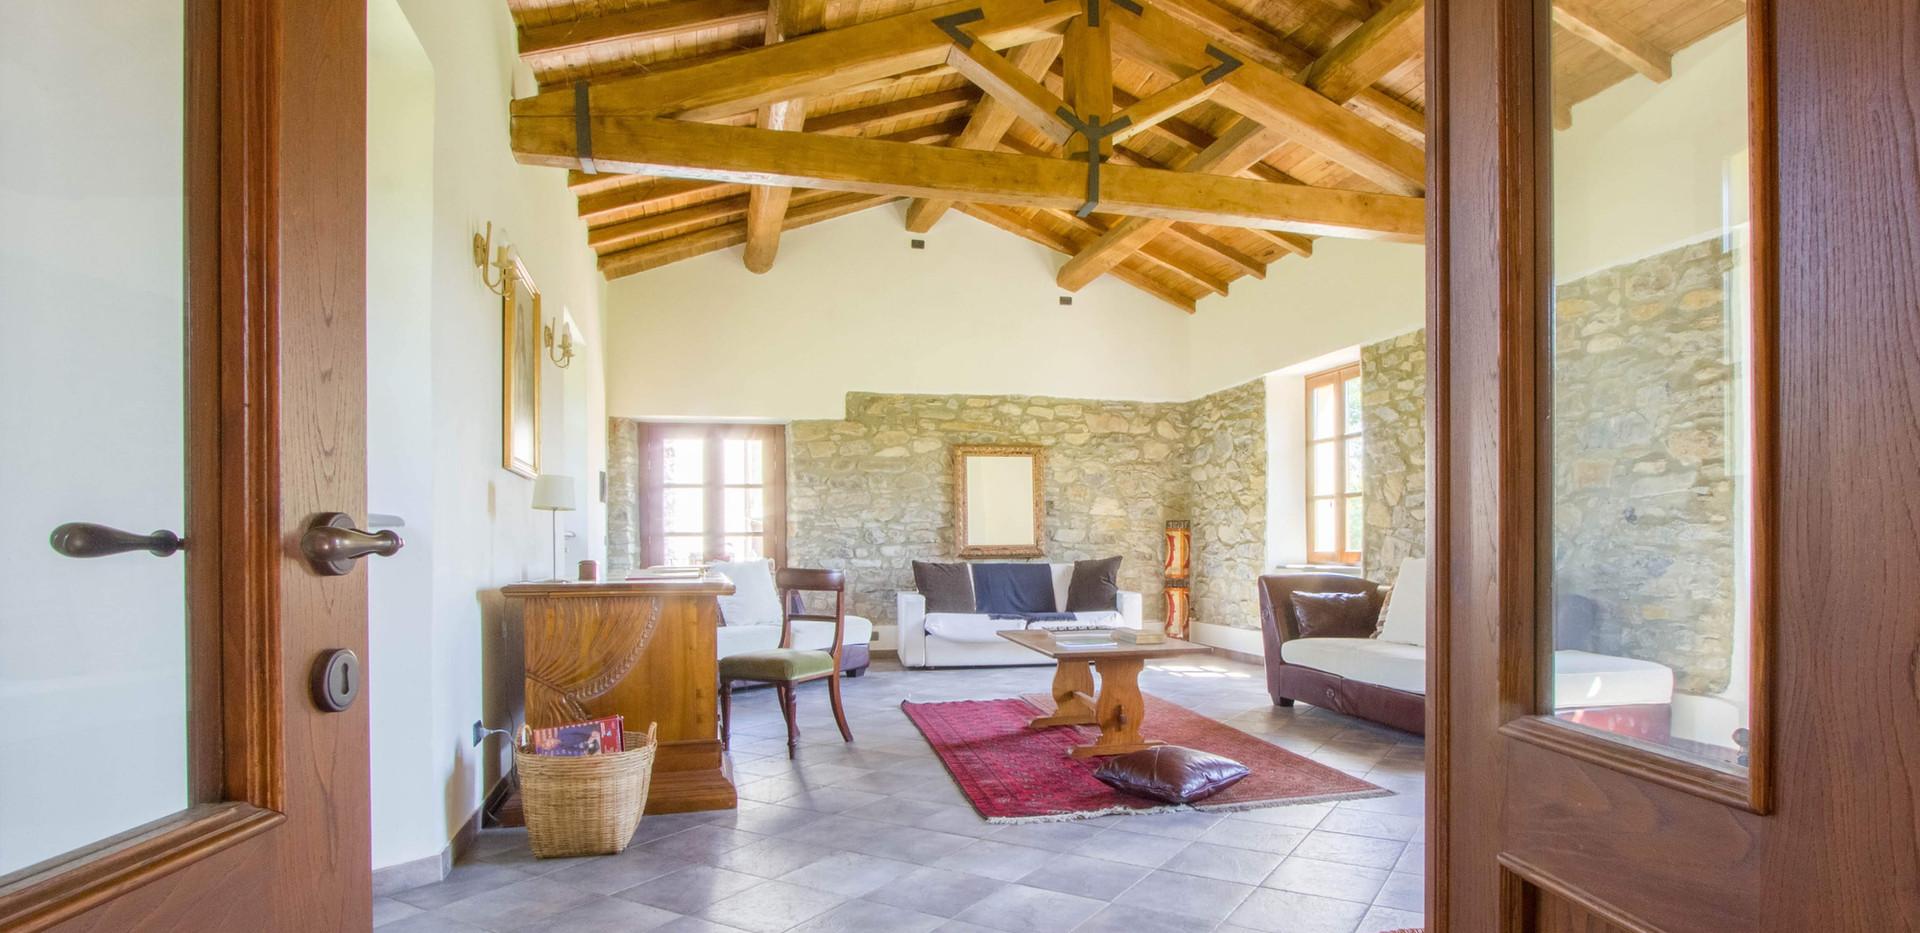 Living Room3.jpg